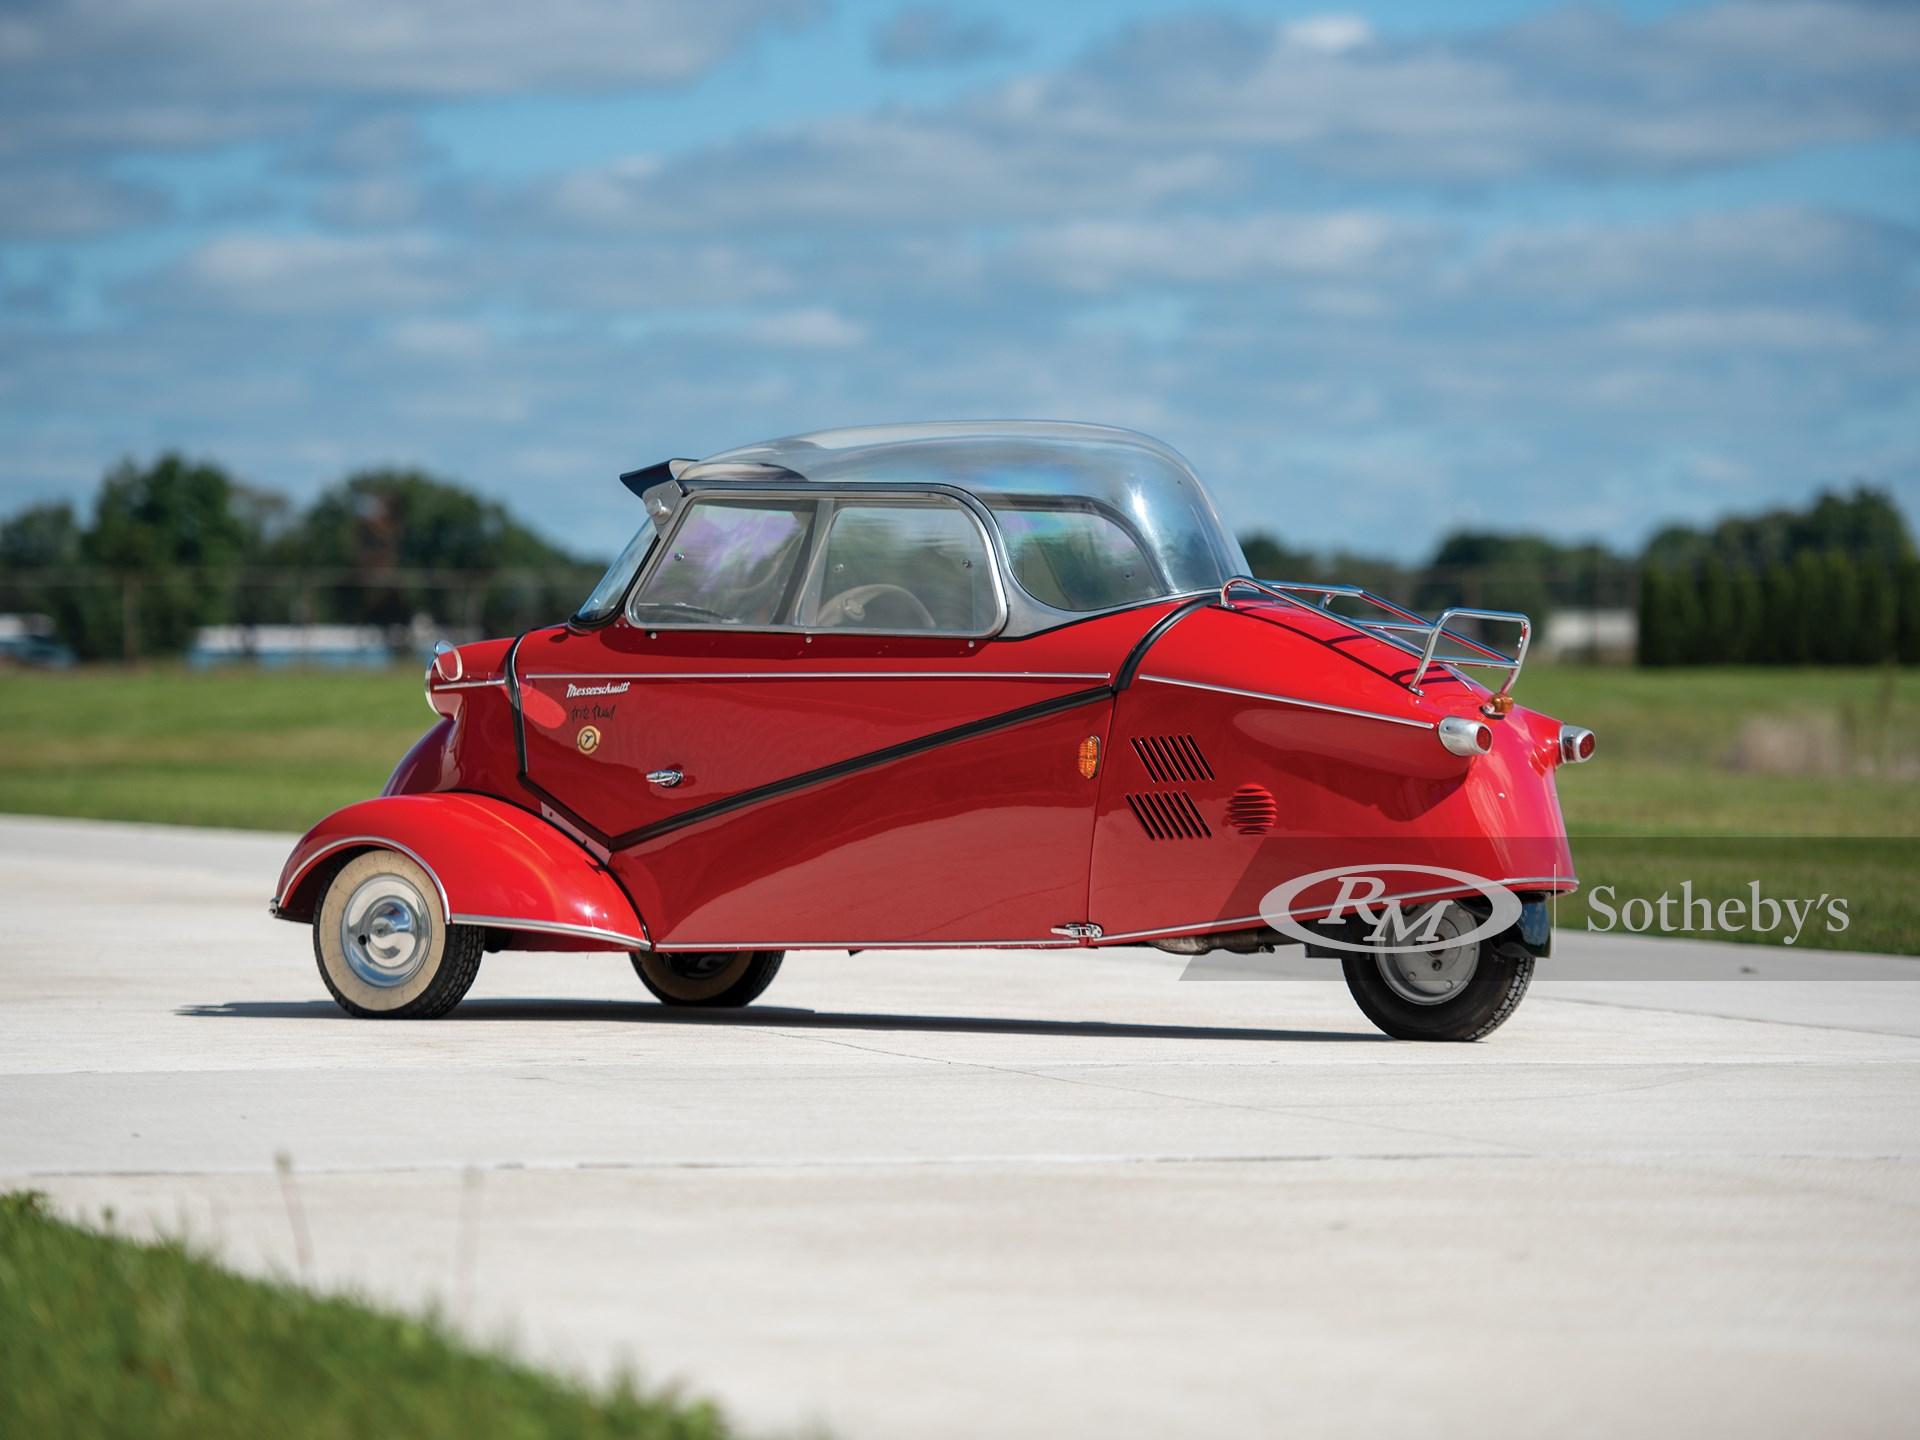 1956 Messerschmitt KR 200  -